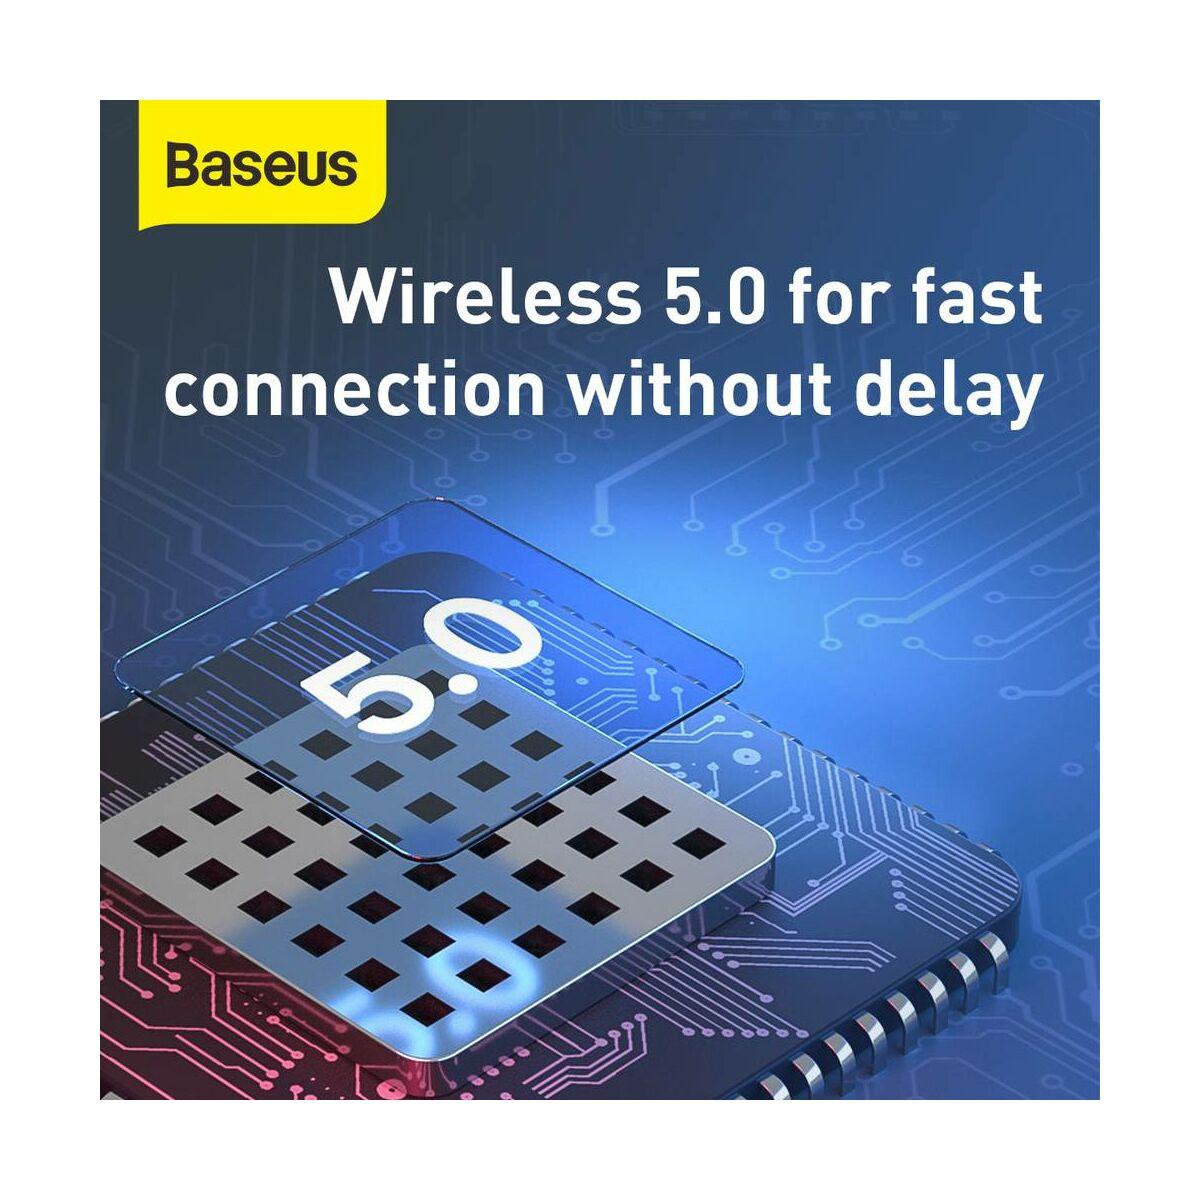 Baseus fülhallgató, Bluetooth Encok A05 Headset, vezeték nélküli, Mono, BT 5.0, rózsaszín (NGA05-04)